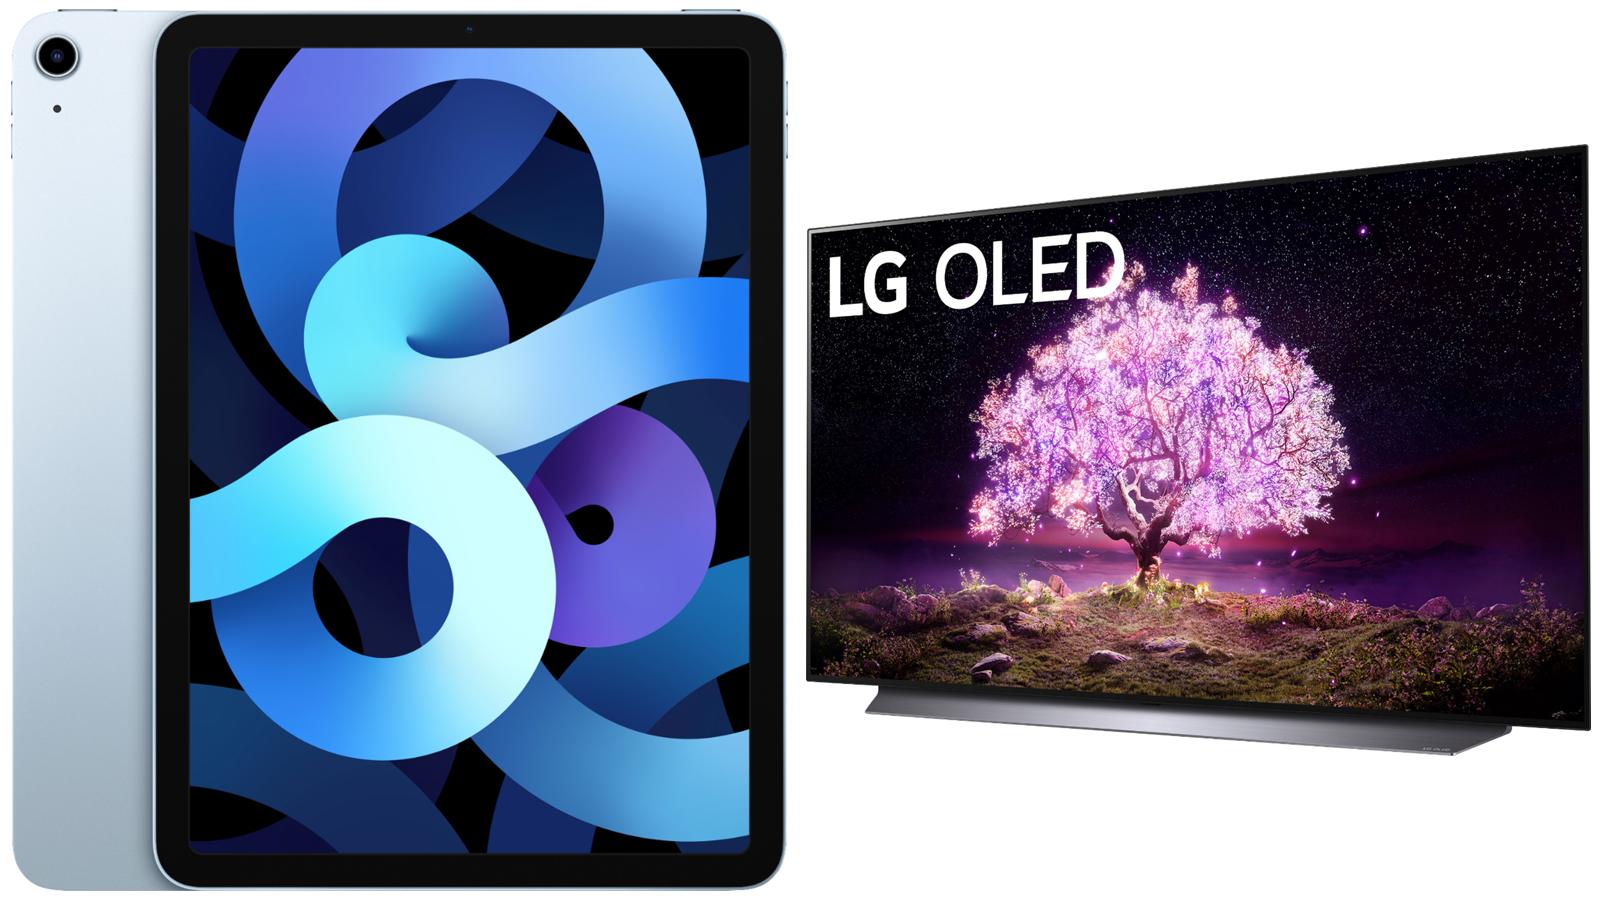 """Apple 10.9"""" iPad Air and LG 55"""" OLED 4K UHD TV"""